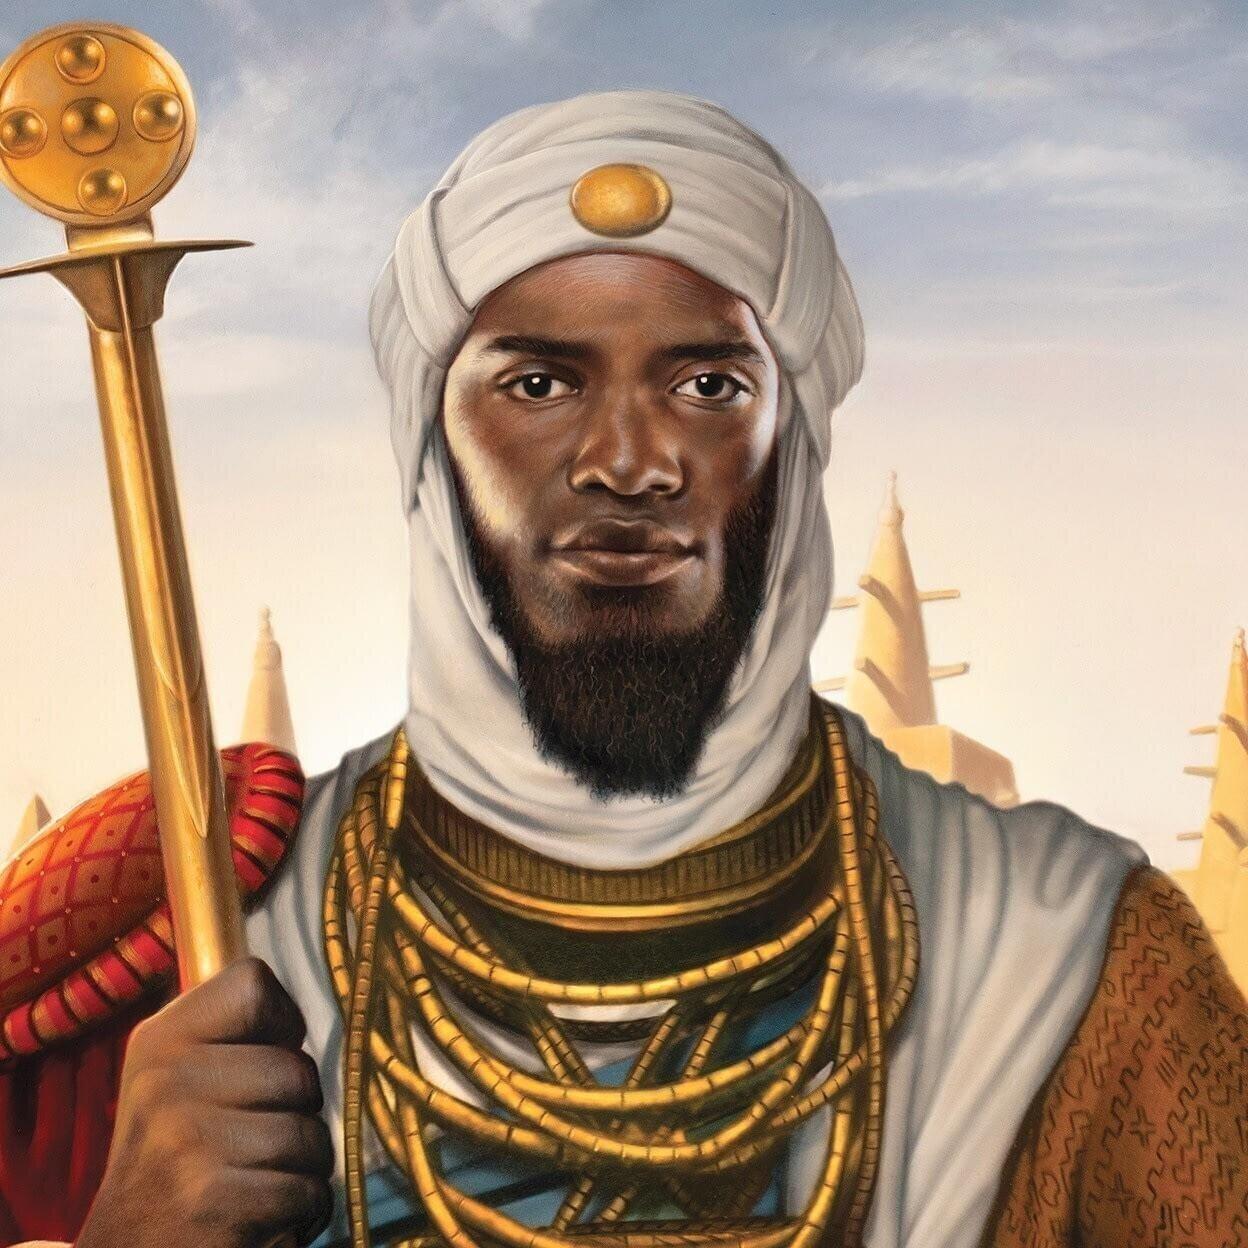 Султан Малийской империи построил рай на земле для своих подданных, став богаче современных миллиардеров